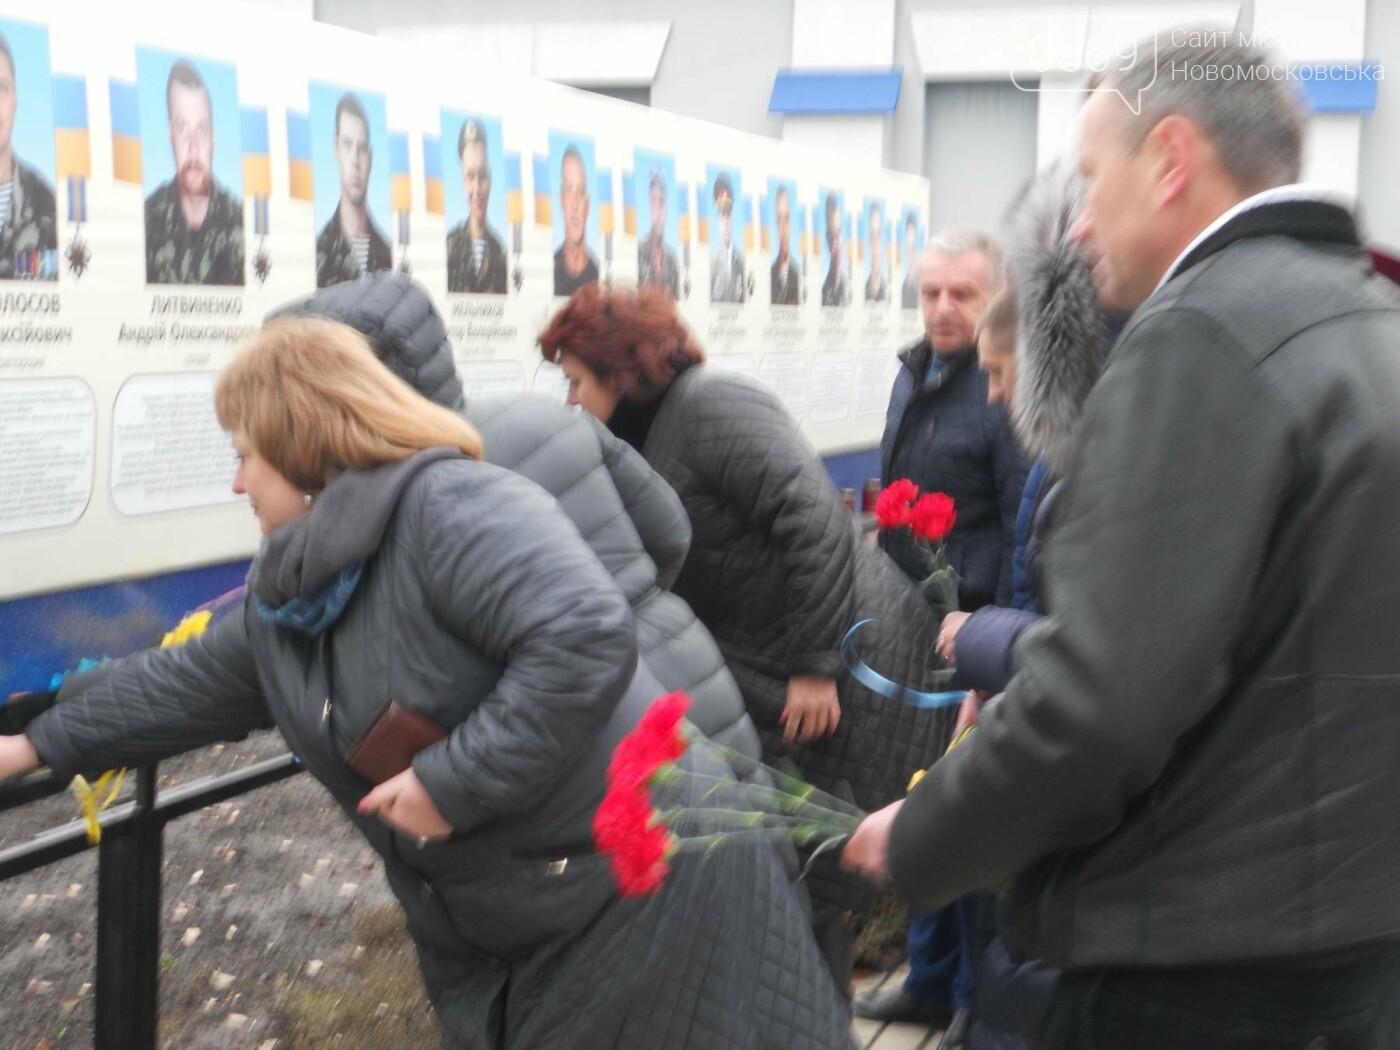 Як Новомосковськ відзначив День гідності та свободи, фото-7